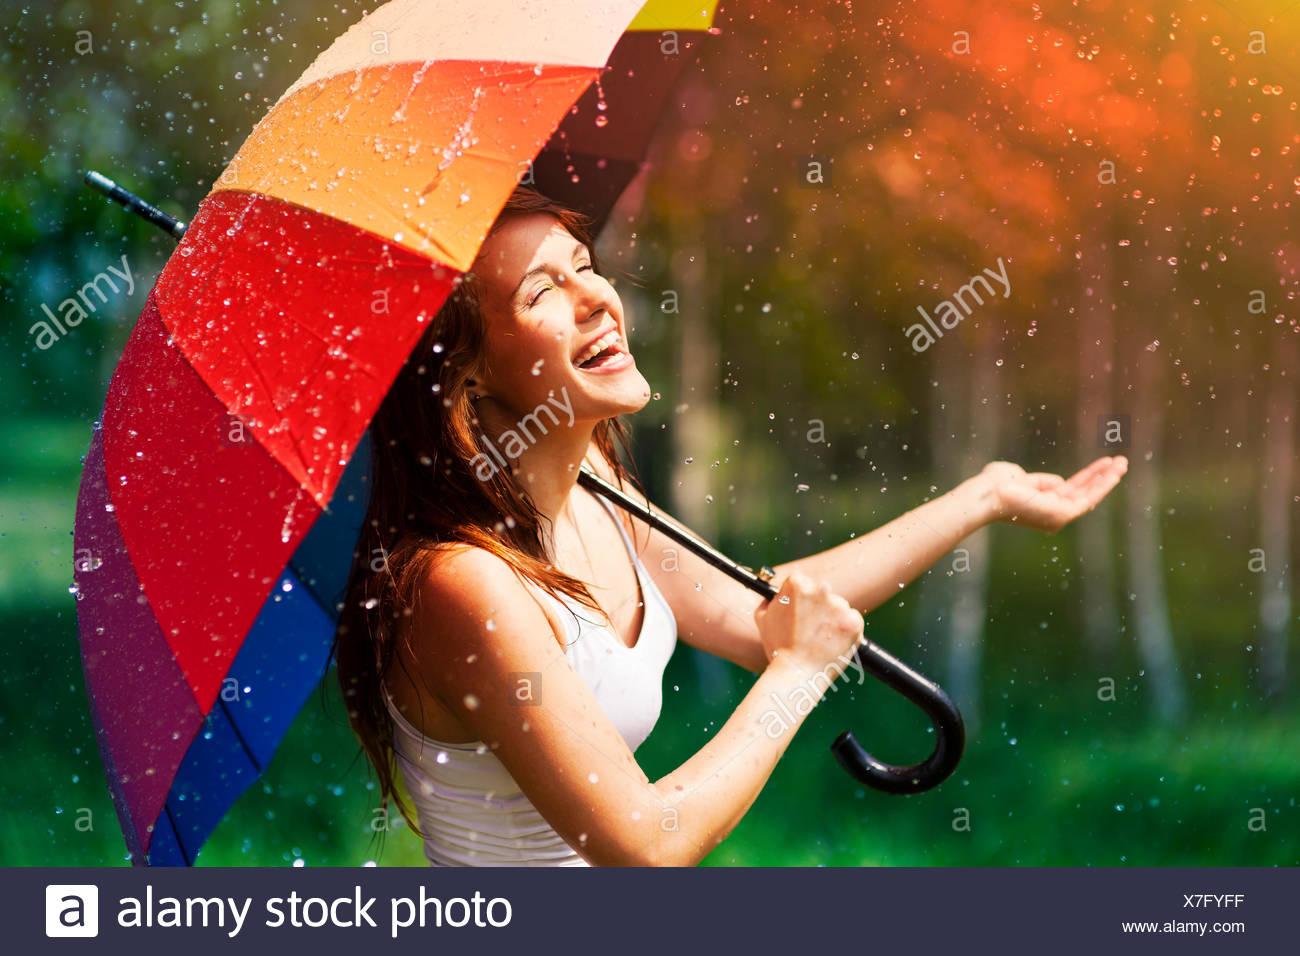 Lachende Frau mit Regenschirm, Regen, Debica, Polen gesucht Stockbild